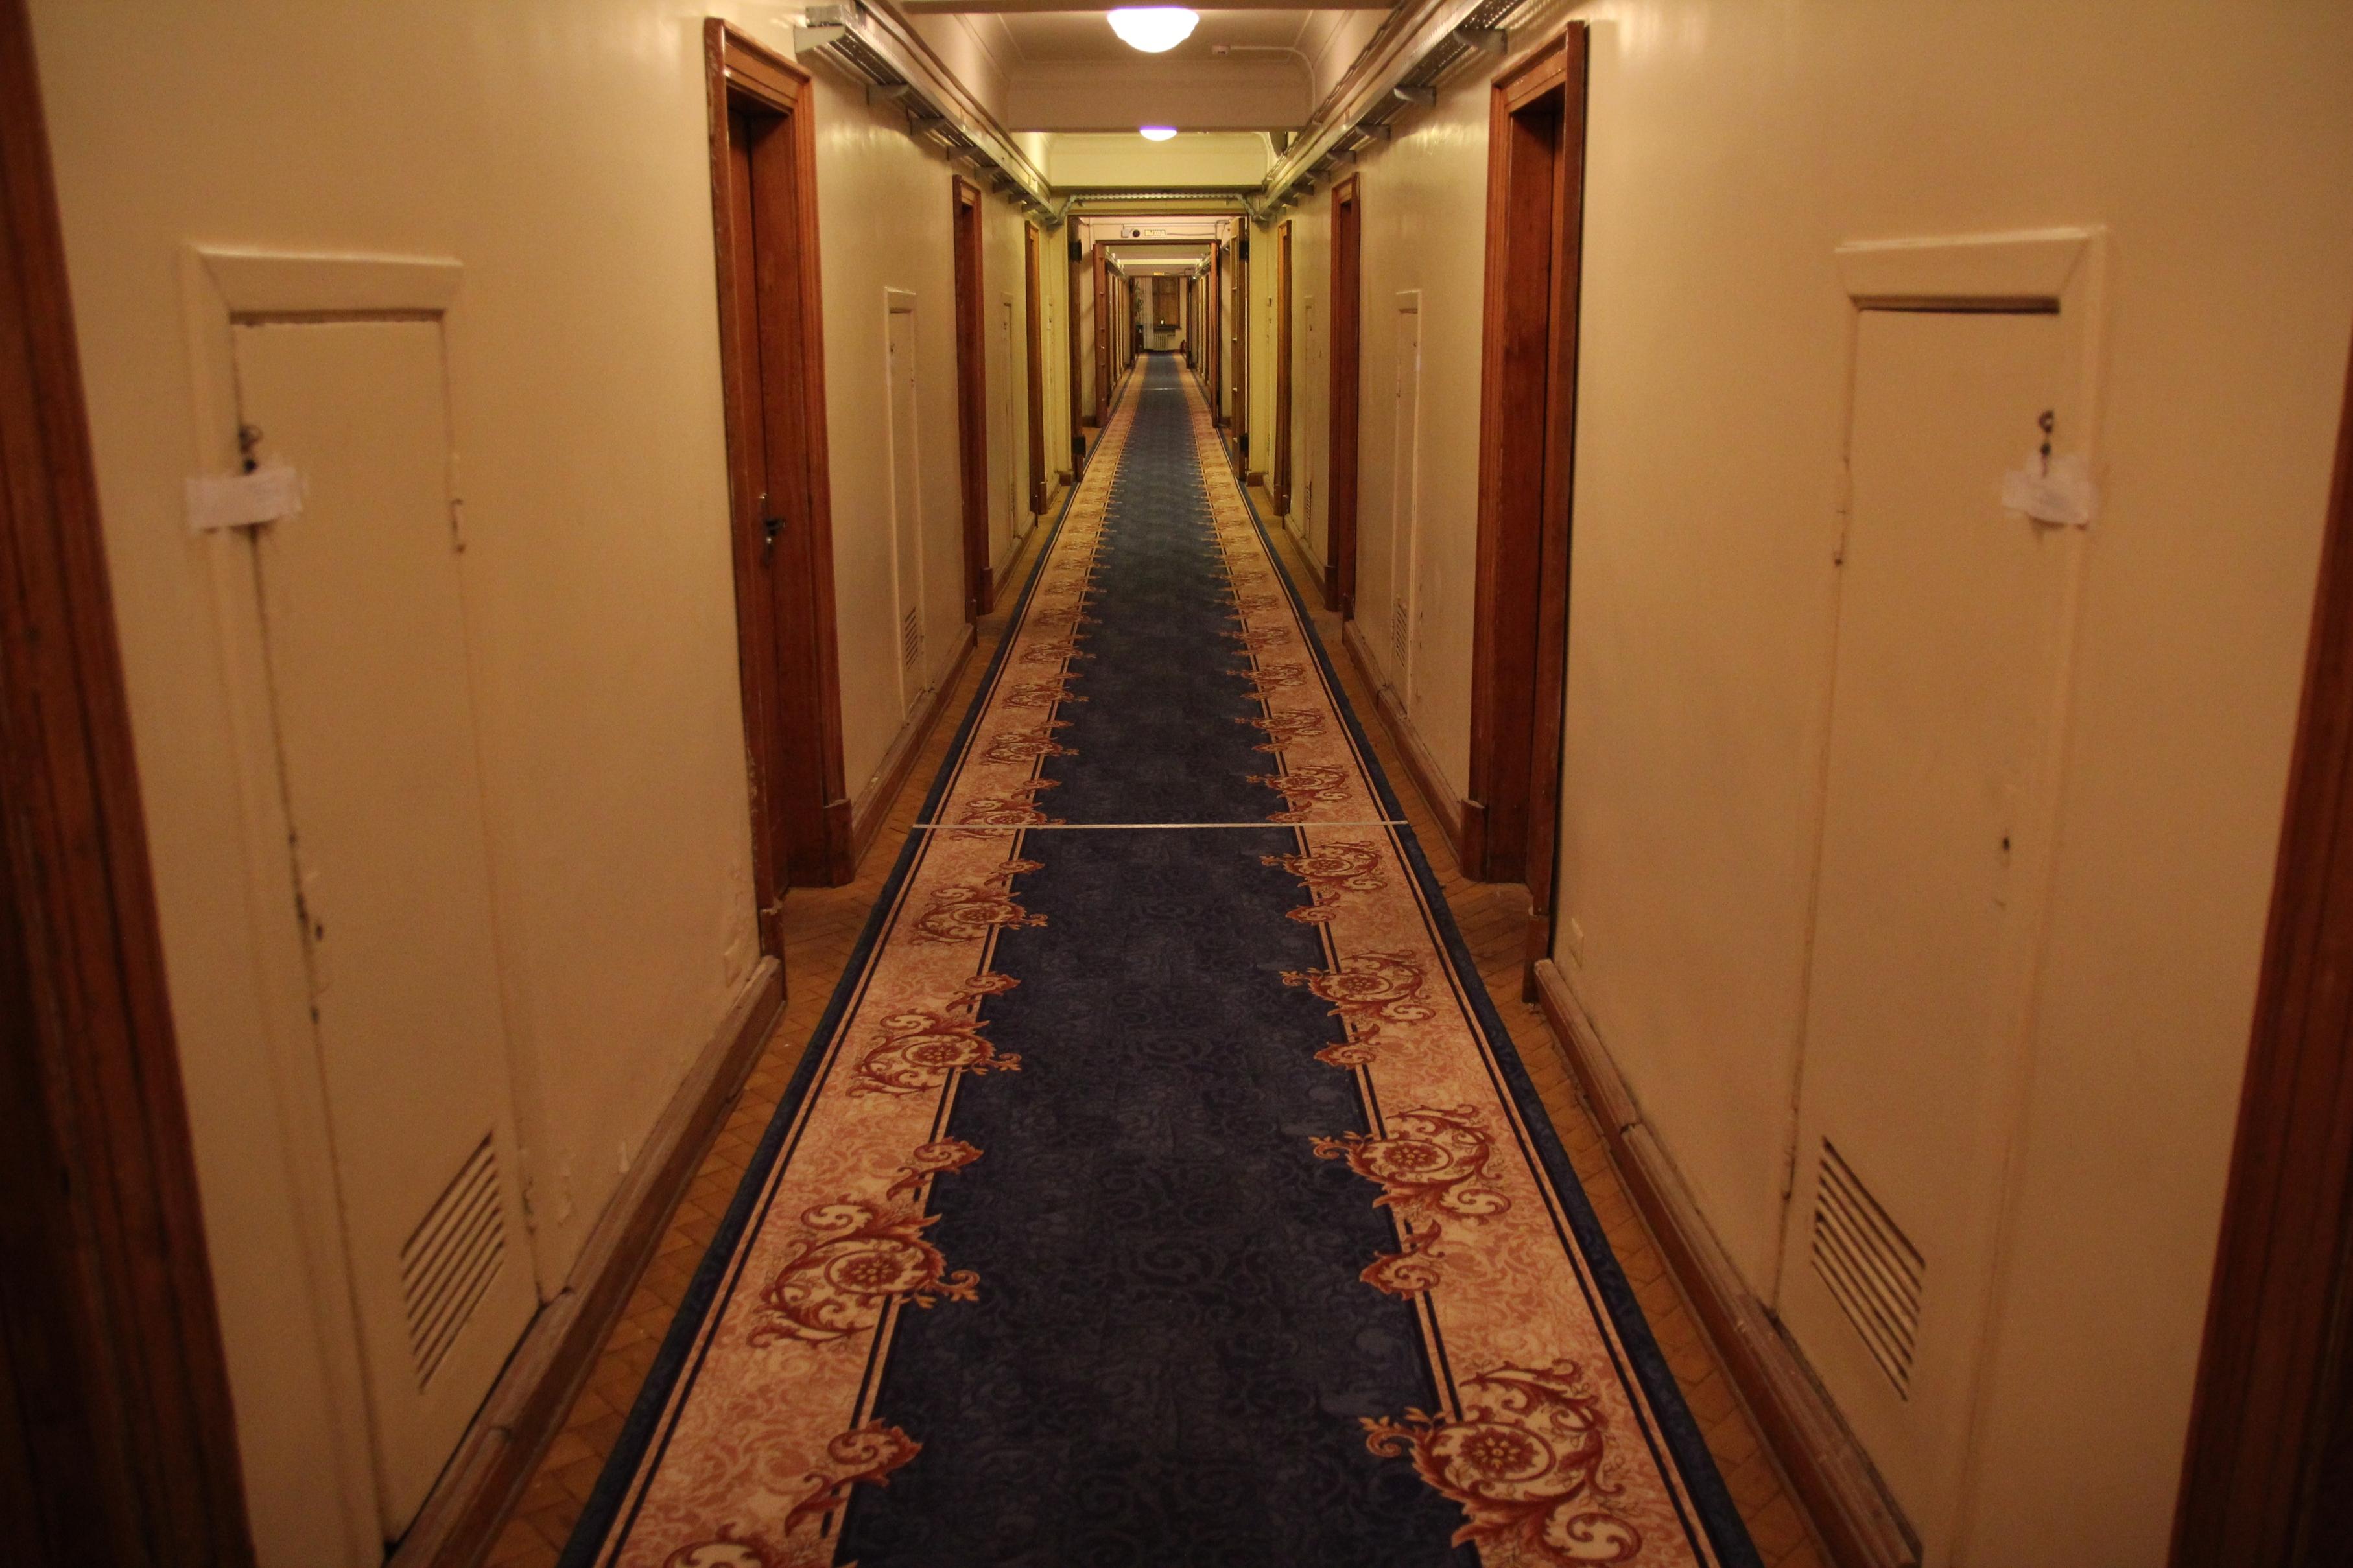 A folyosónkon kiválóan lehet Benny Hill/ Scooby Doo/ Ragyogás jeleneteket forgatni. Figyeljük csak a plombákat az ajtókon!